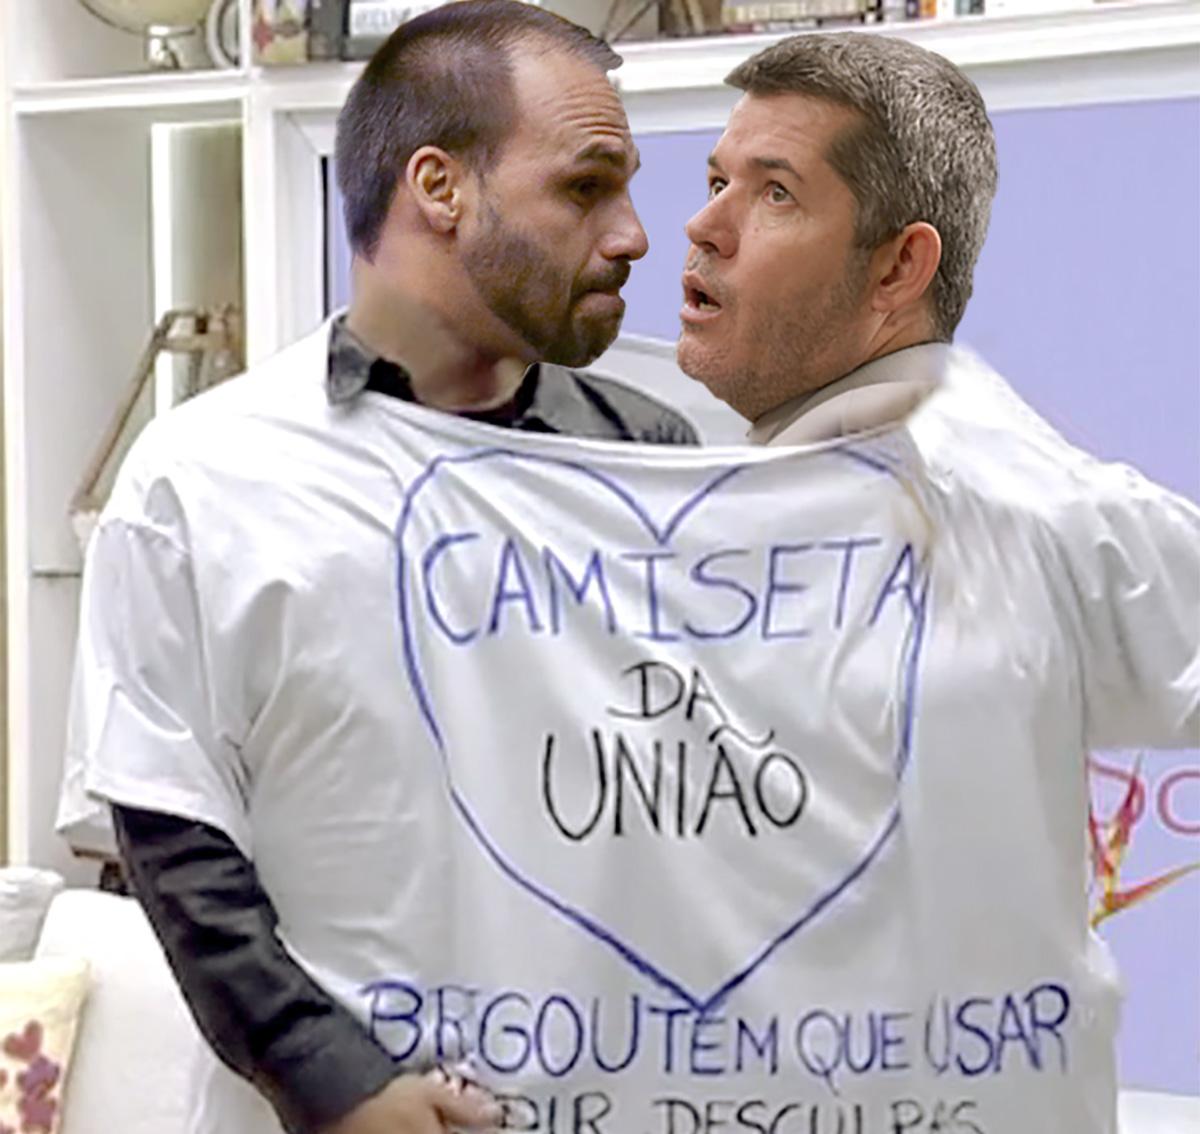 Jair Bolsonaro é o favorito ao Nobel da Física, por mostrar que dois deputados podem habitar o mesmo cargo ao mesmo tempo